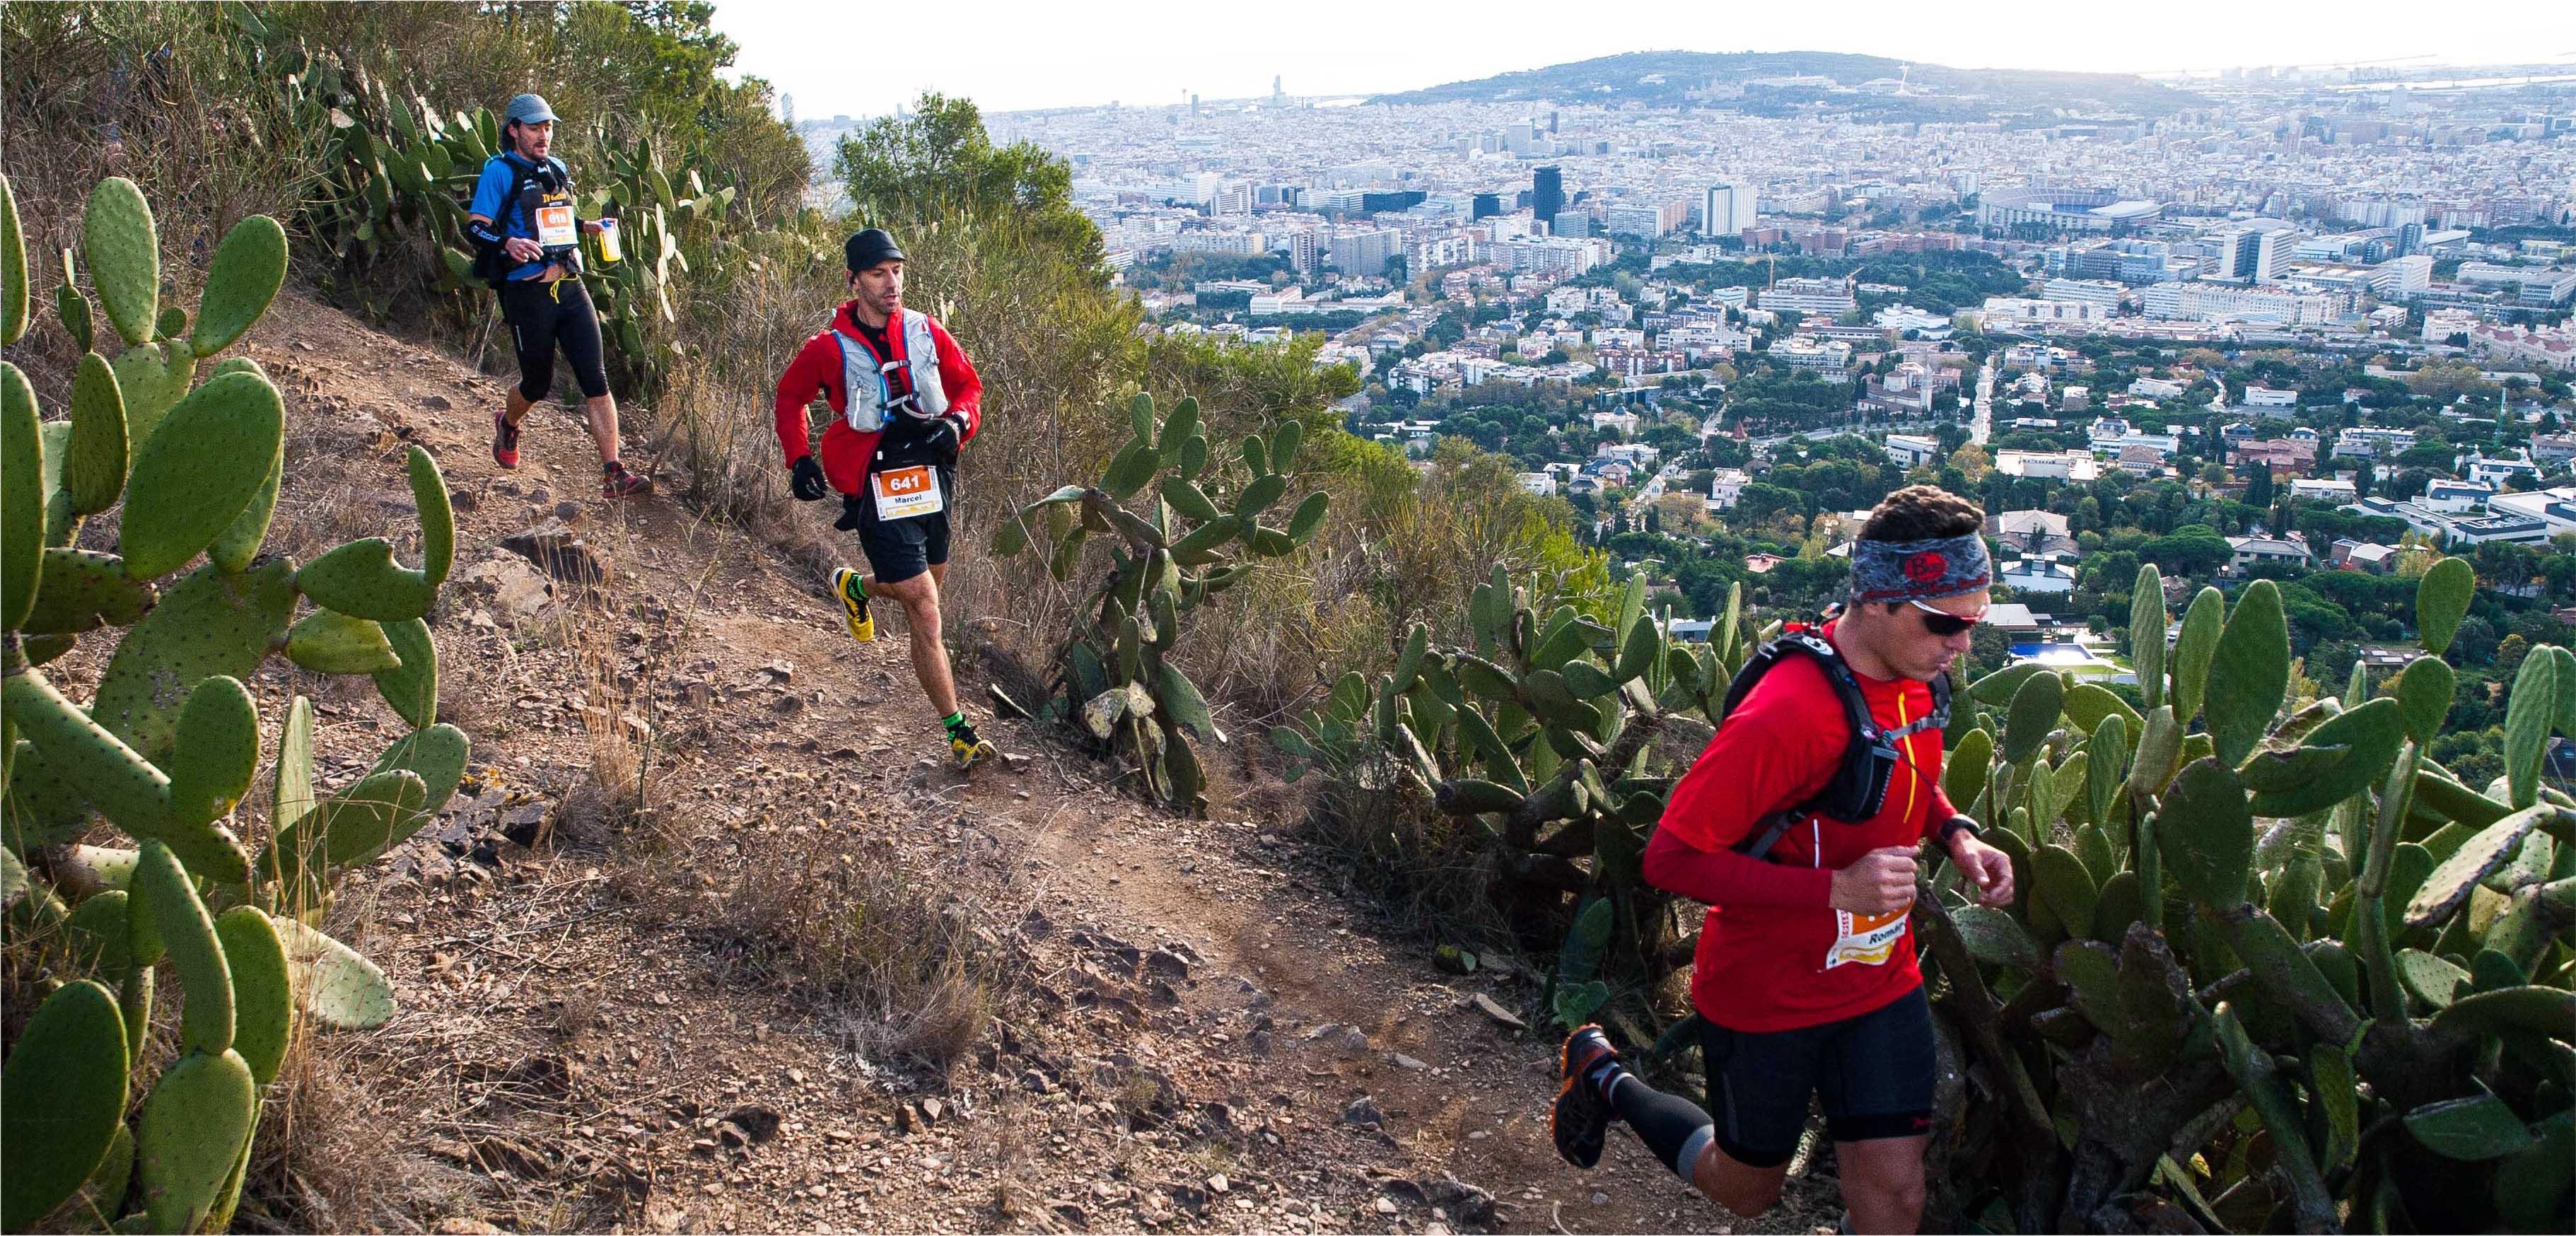 La carrera de montaña que nace en la ciudad de Barcelona